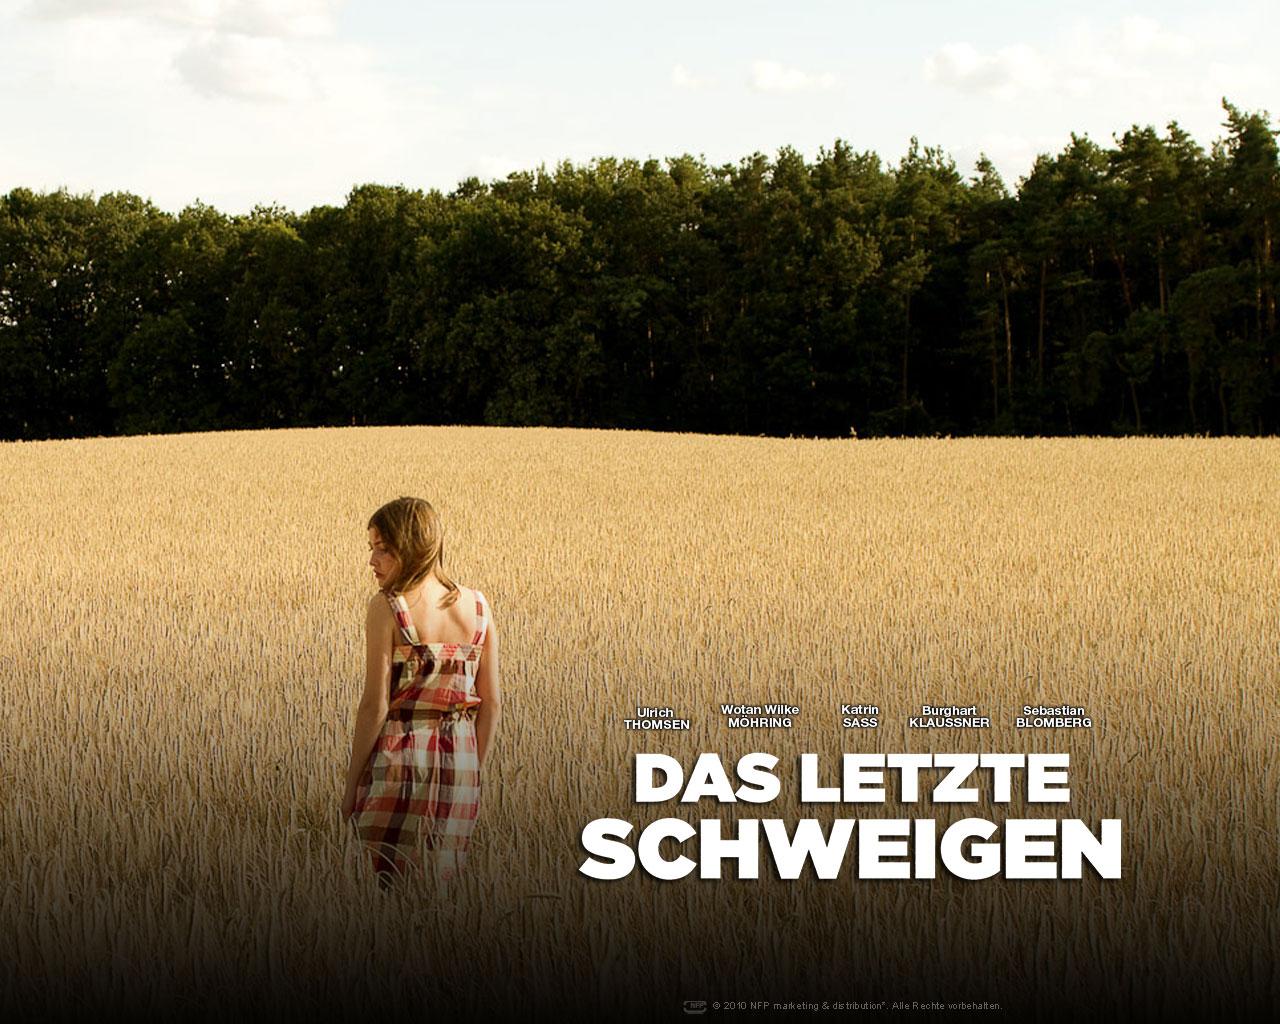 Das letzte Schweigen movie